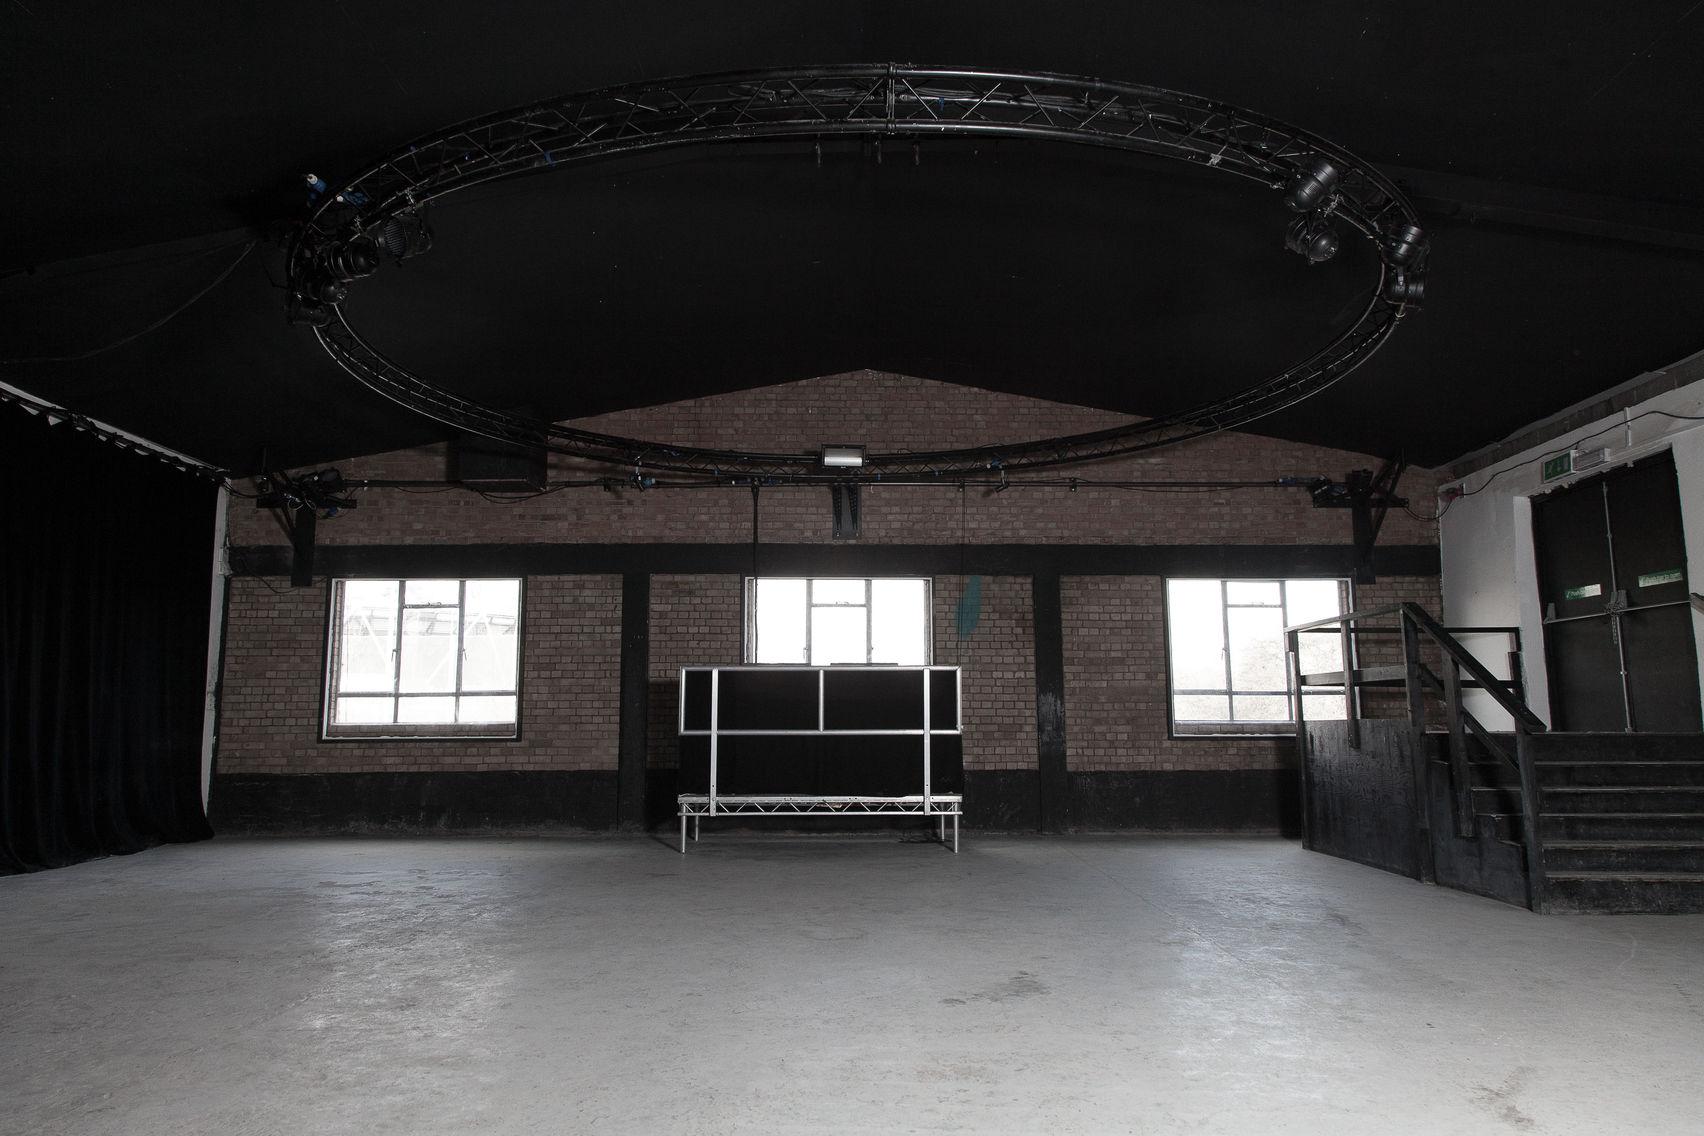 Full Venue, Autumn Street Studios